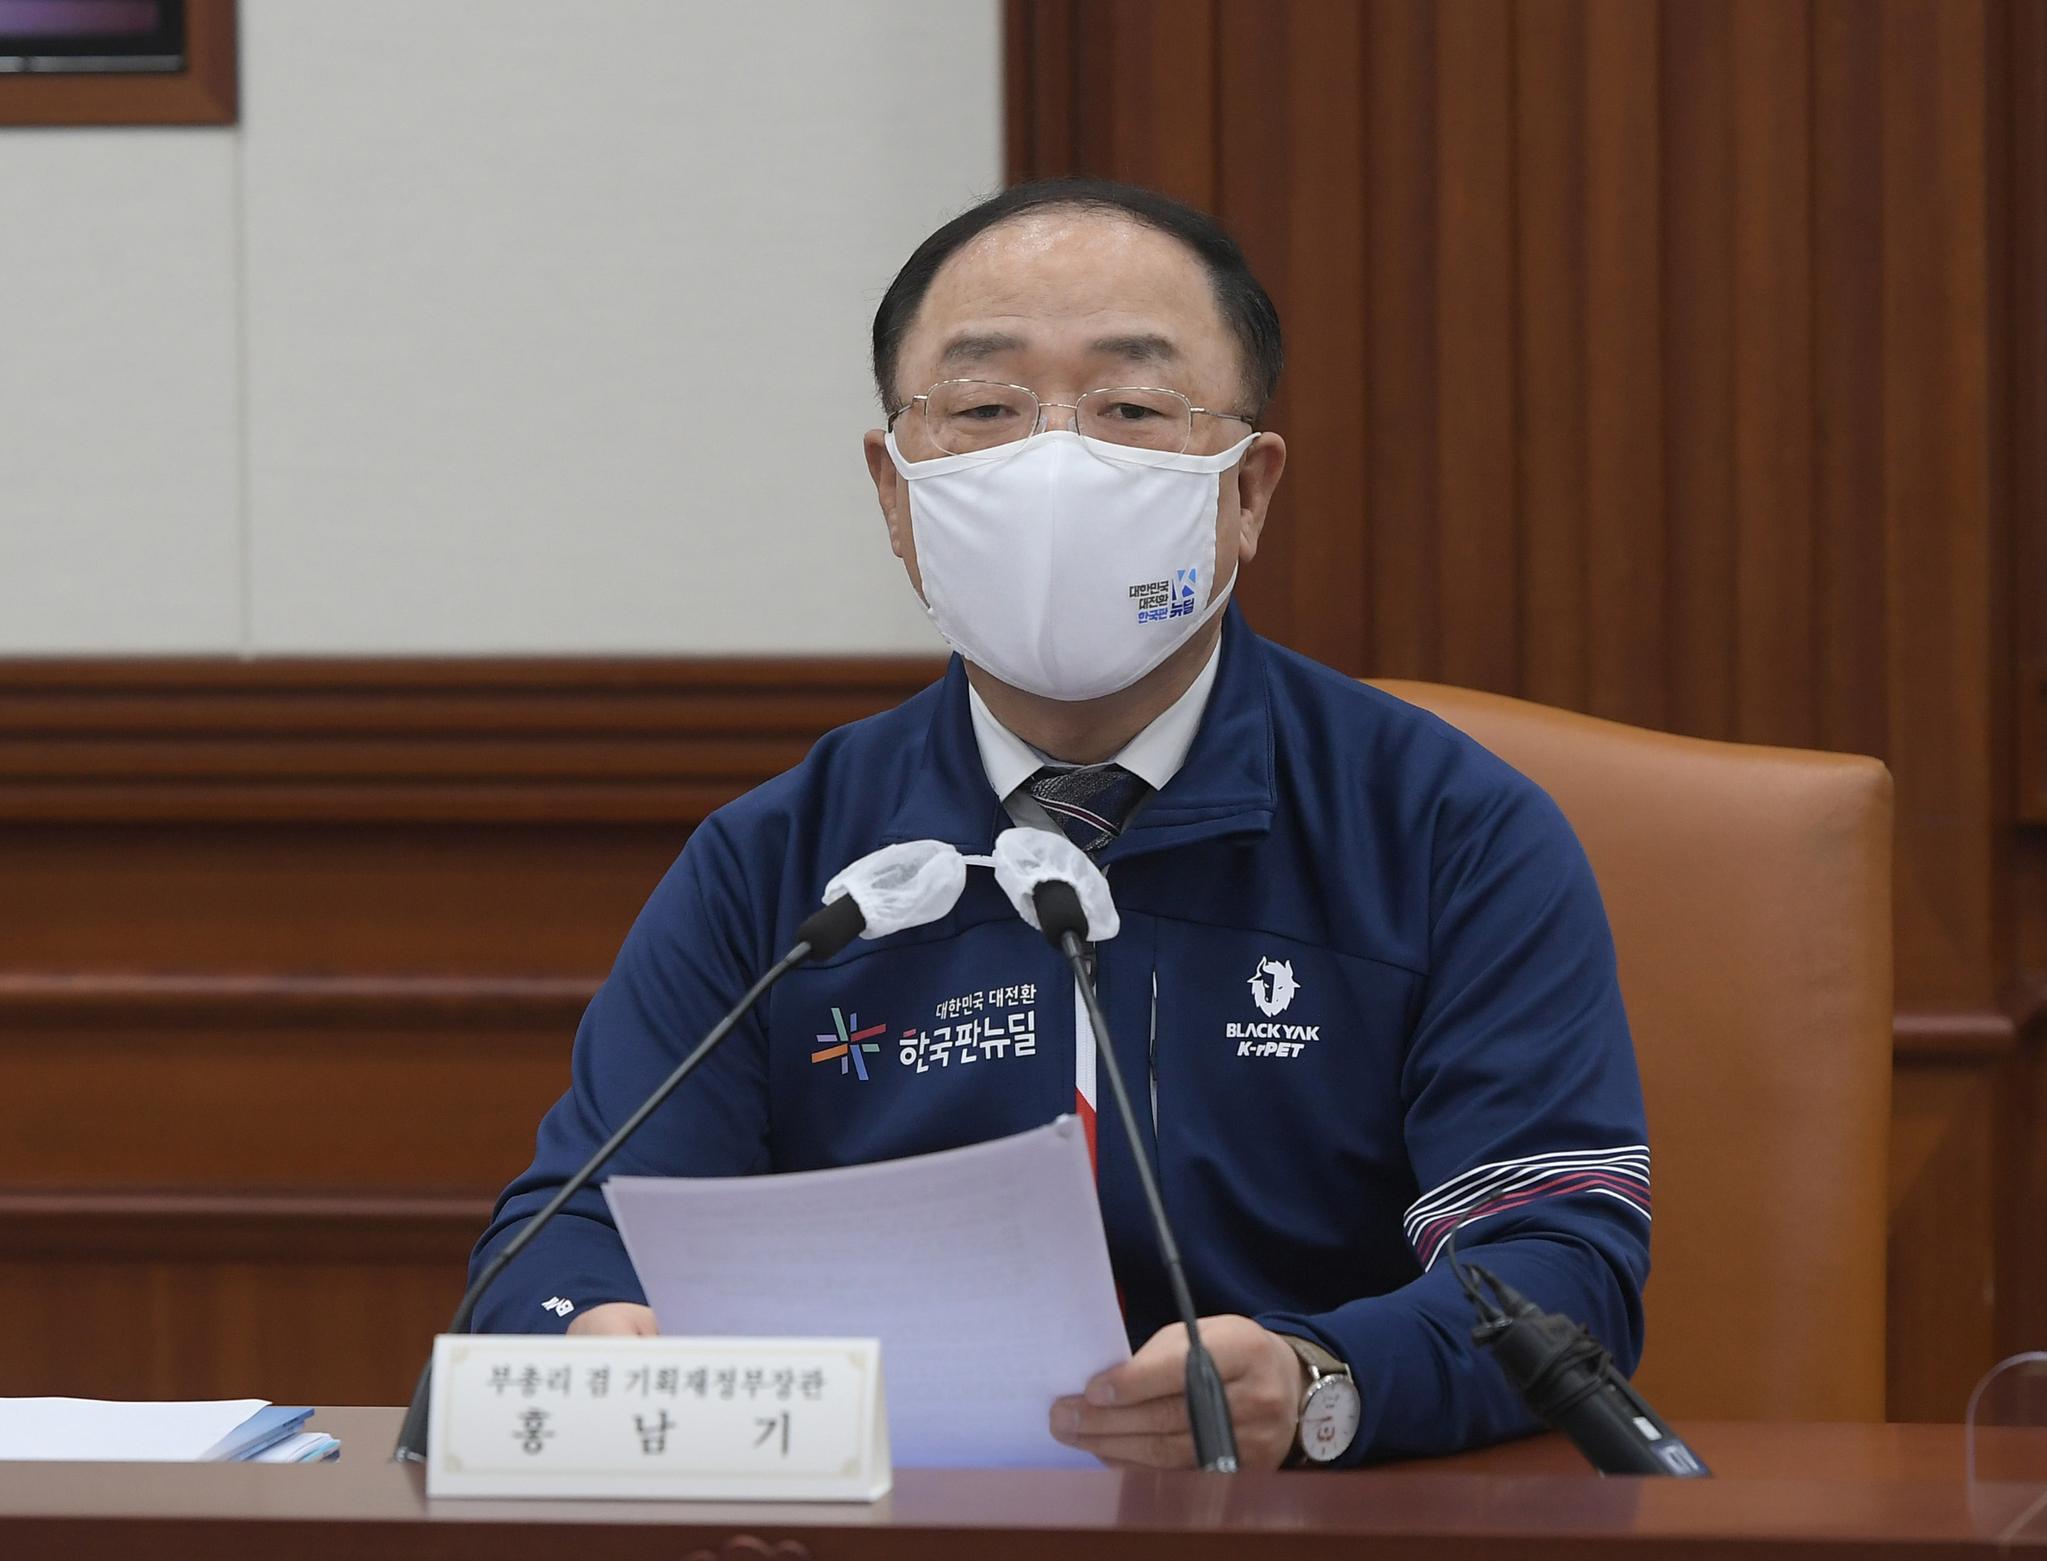 홍남기 경제부총리 겸 기획재정부 장관. 뉴스1